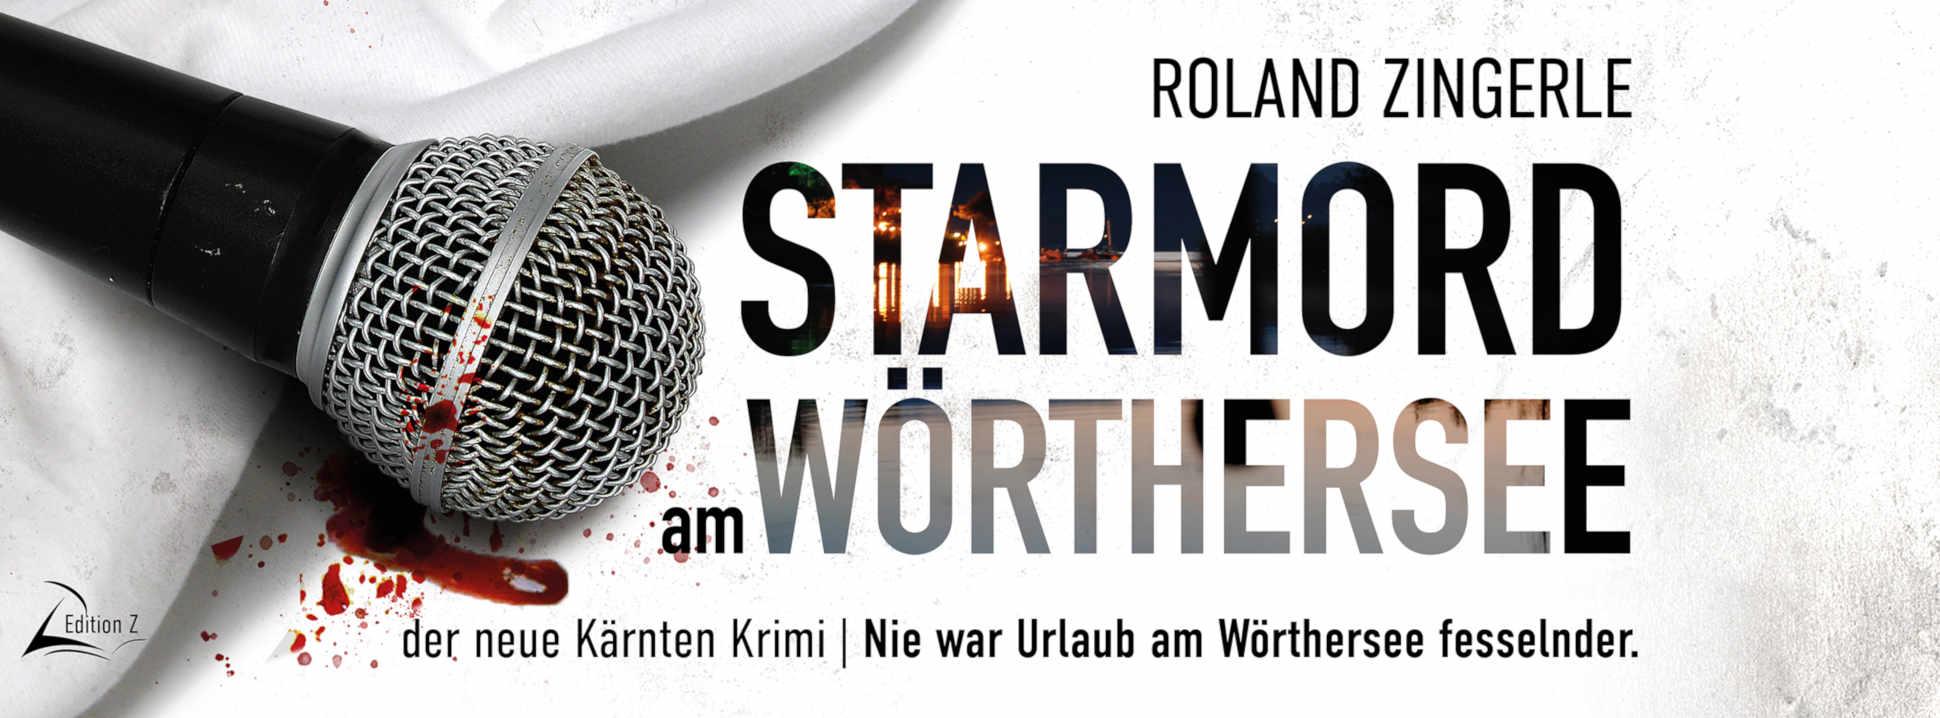 Starmord am Wörthersee, ein Krimi von Roland Zingerle